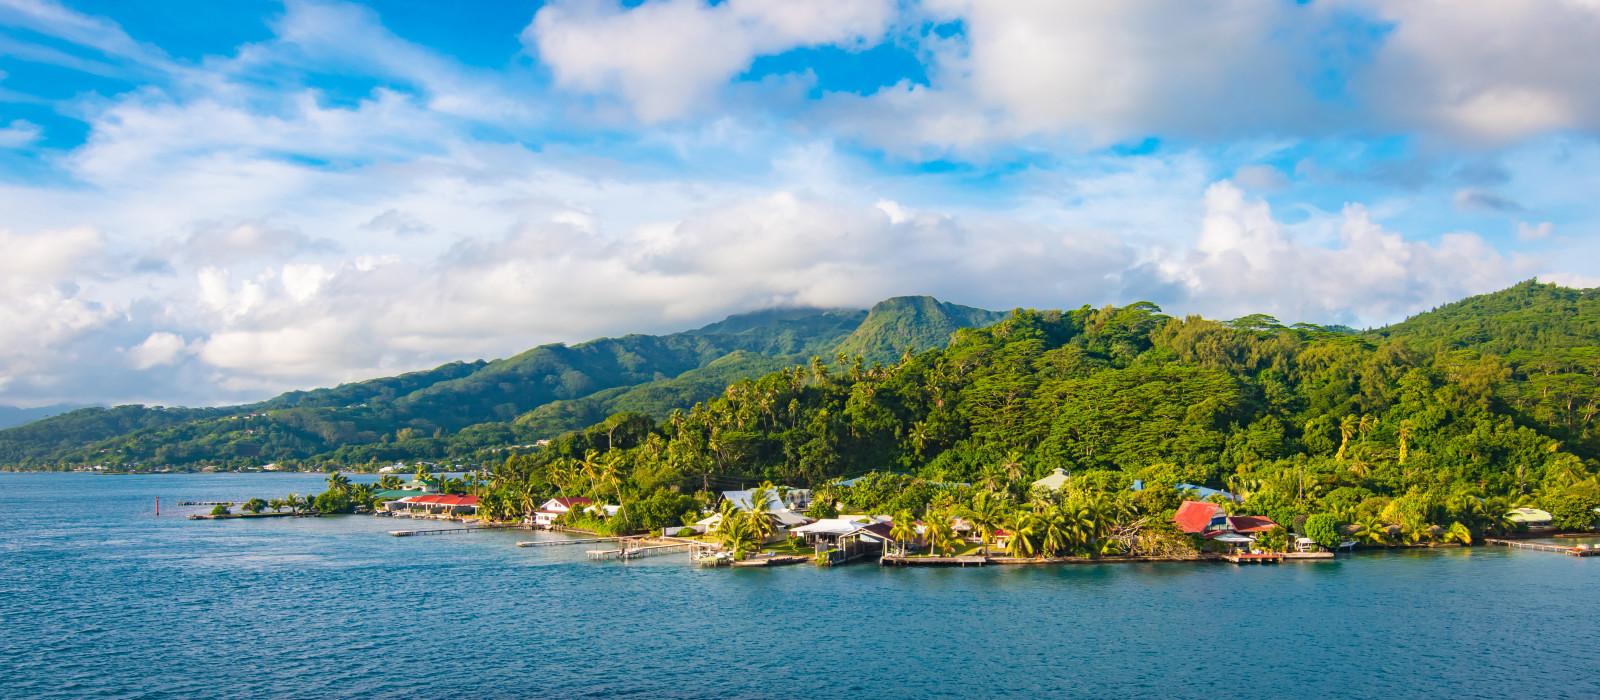 Destination Raiatea French Polynesia